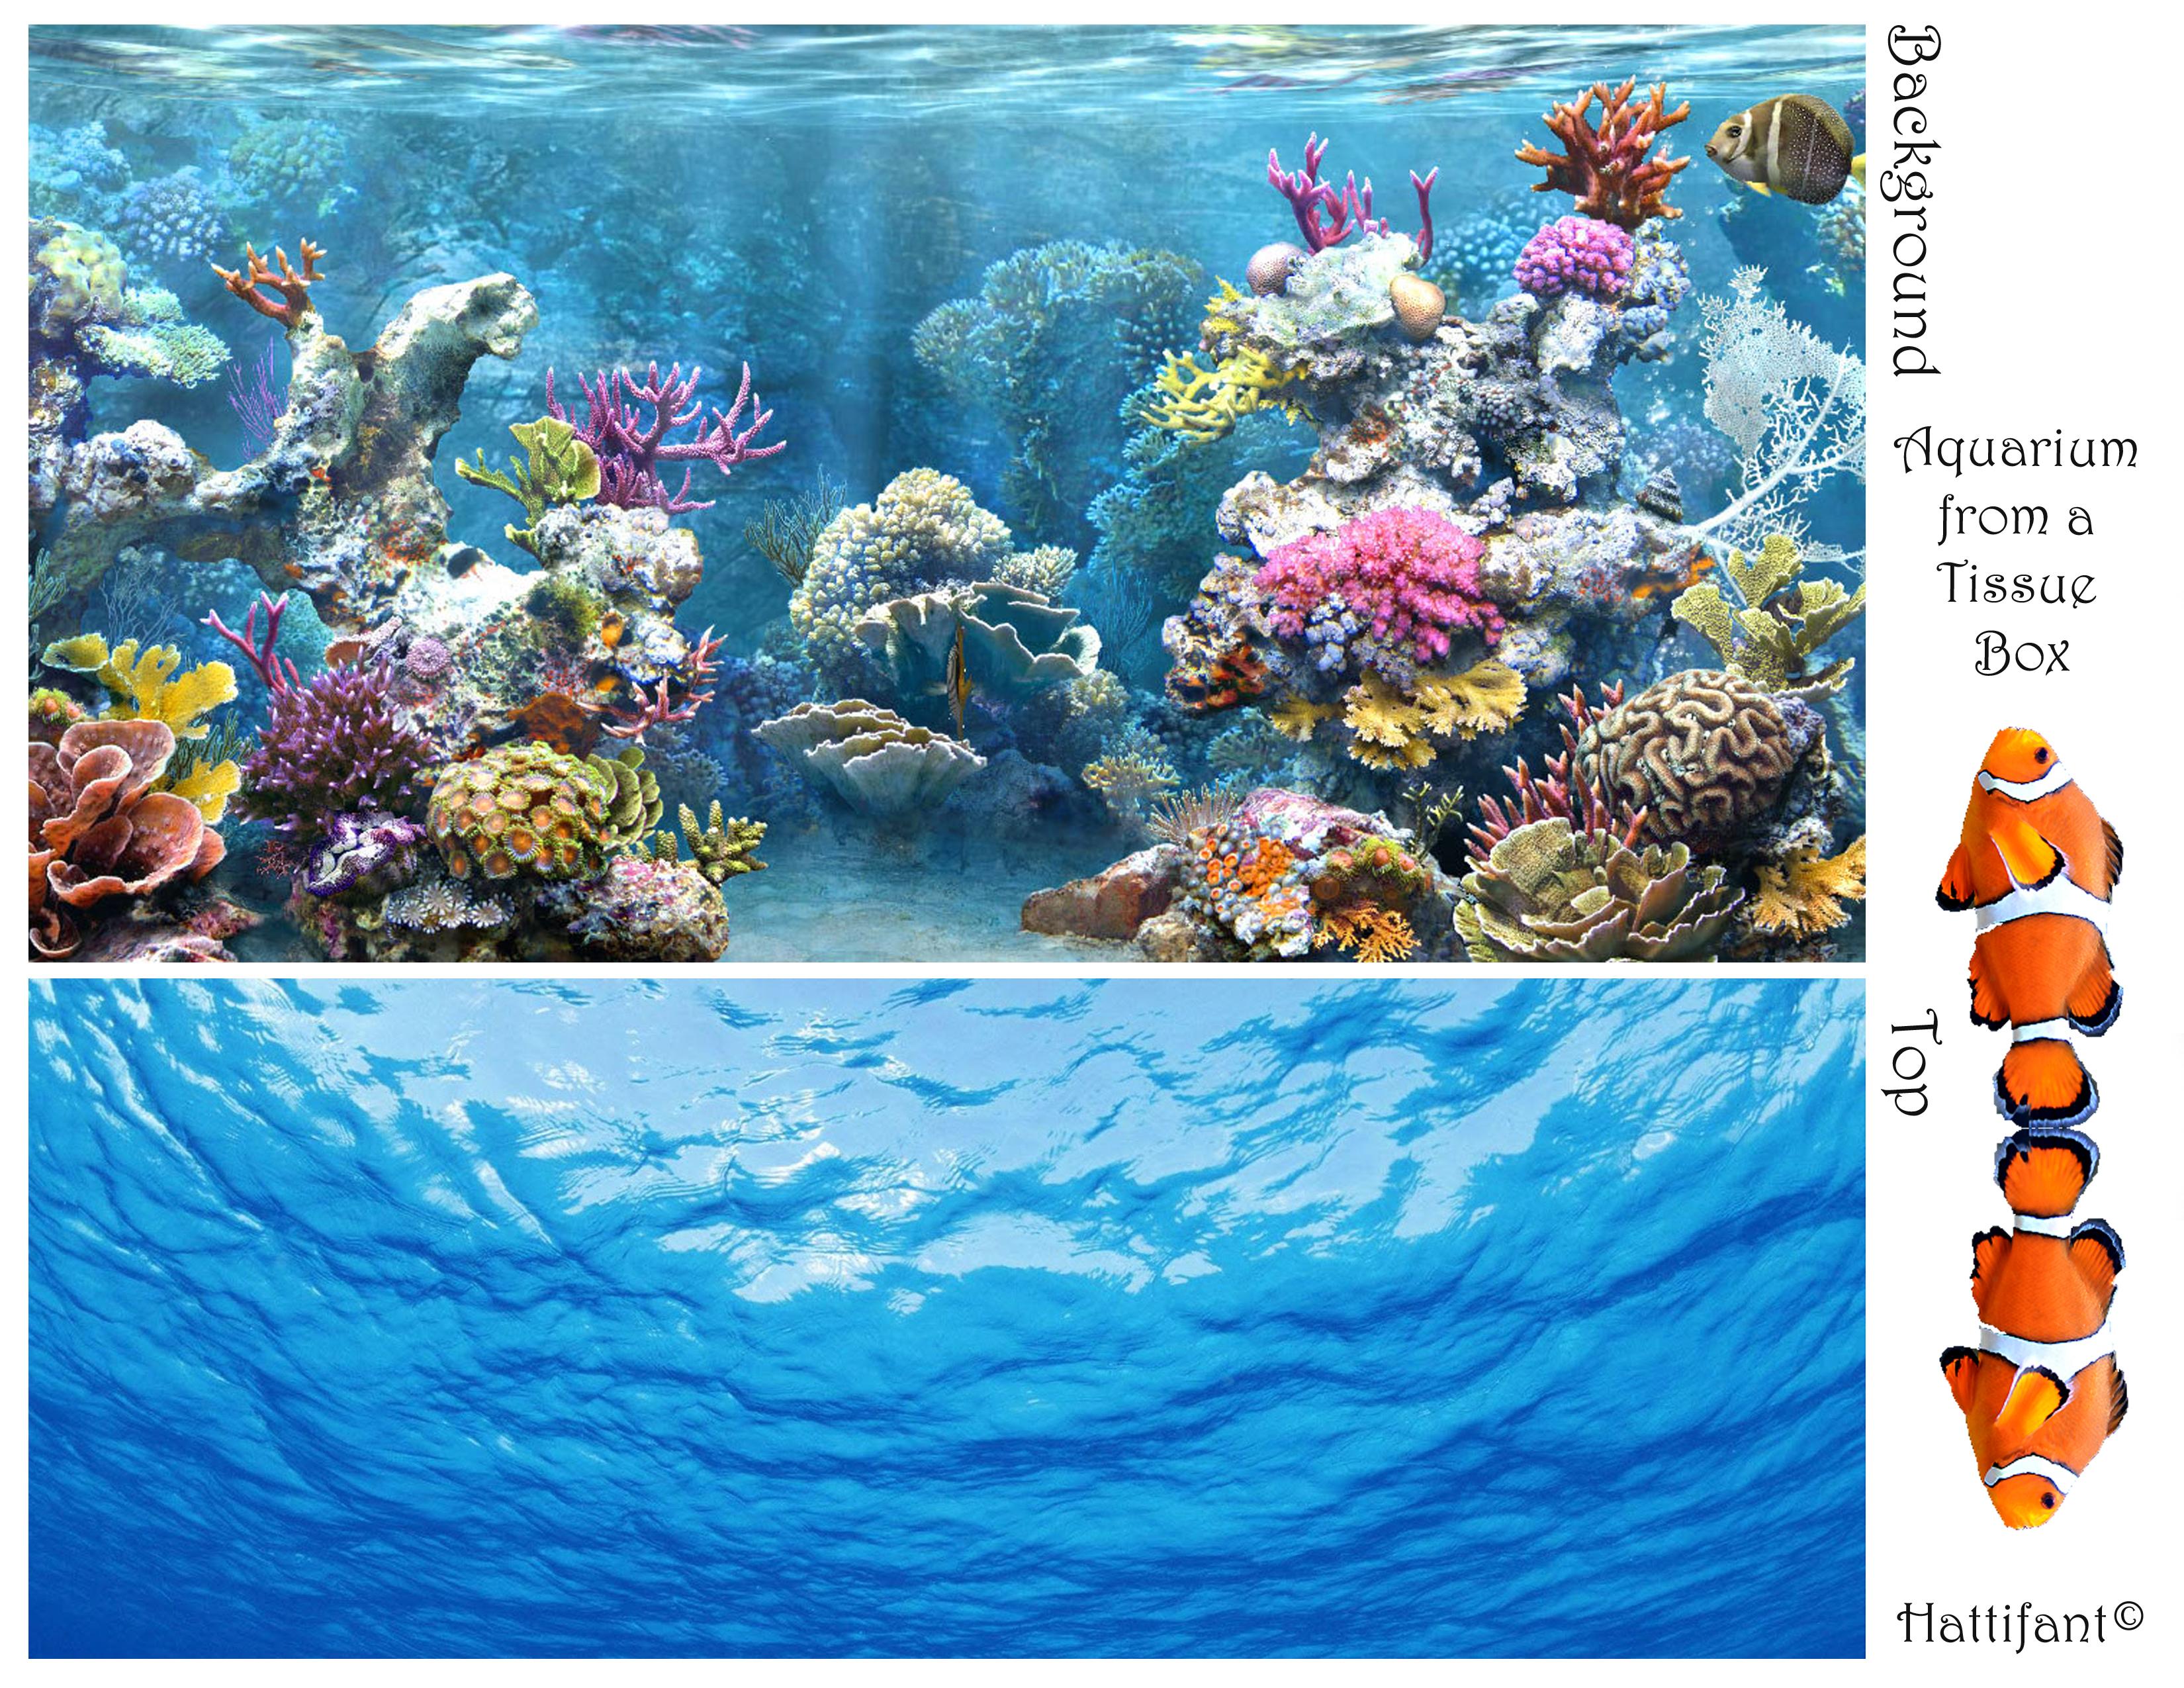 aquaglobe artificial media coral products reef combo decoration aquarium decor fiji corals